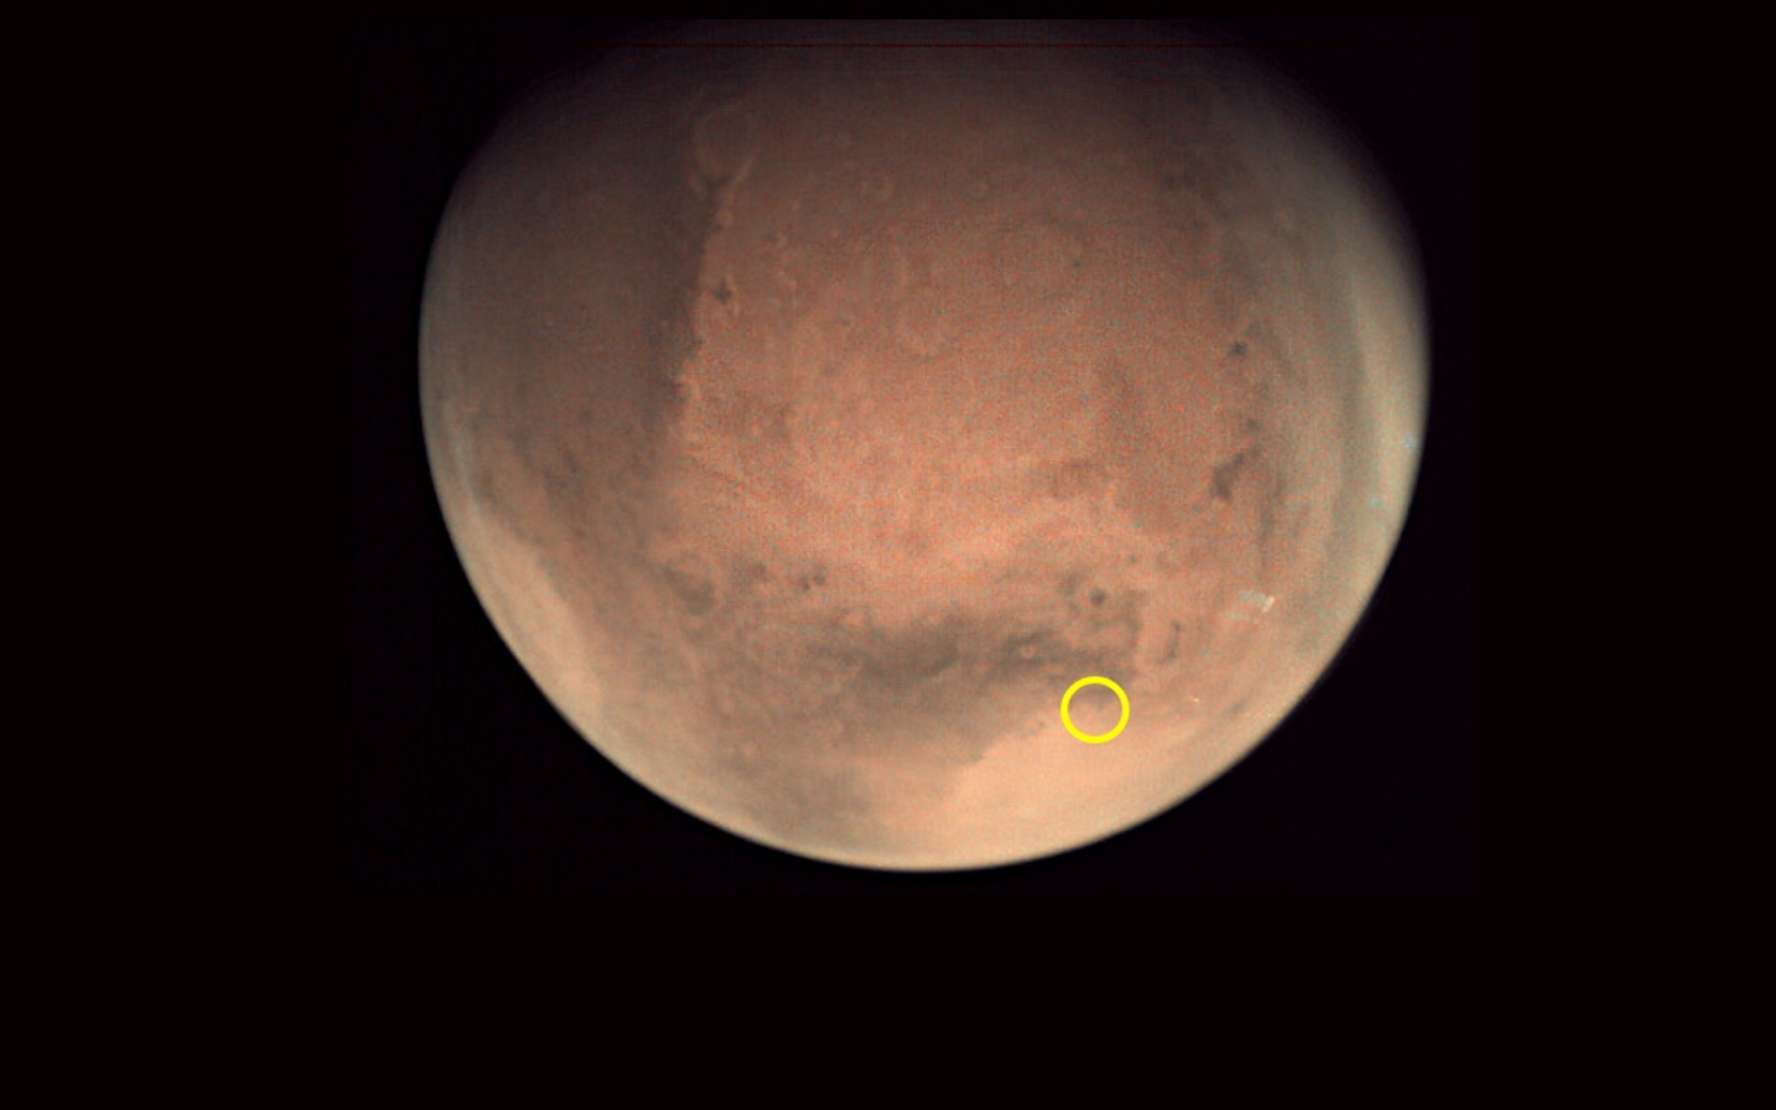 Mars imagée par la webcam de la sonde Mars Express. Le cercle jaune indique la localisation du cratère Jezero où va se poser Perseverance le 18 février 2021. © ESA